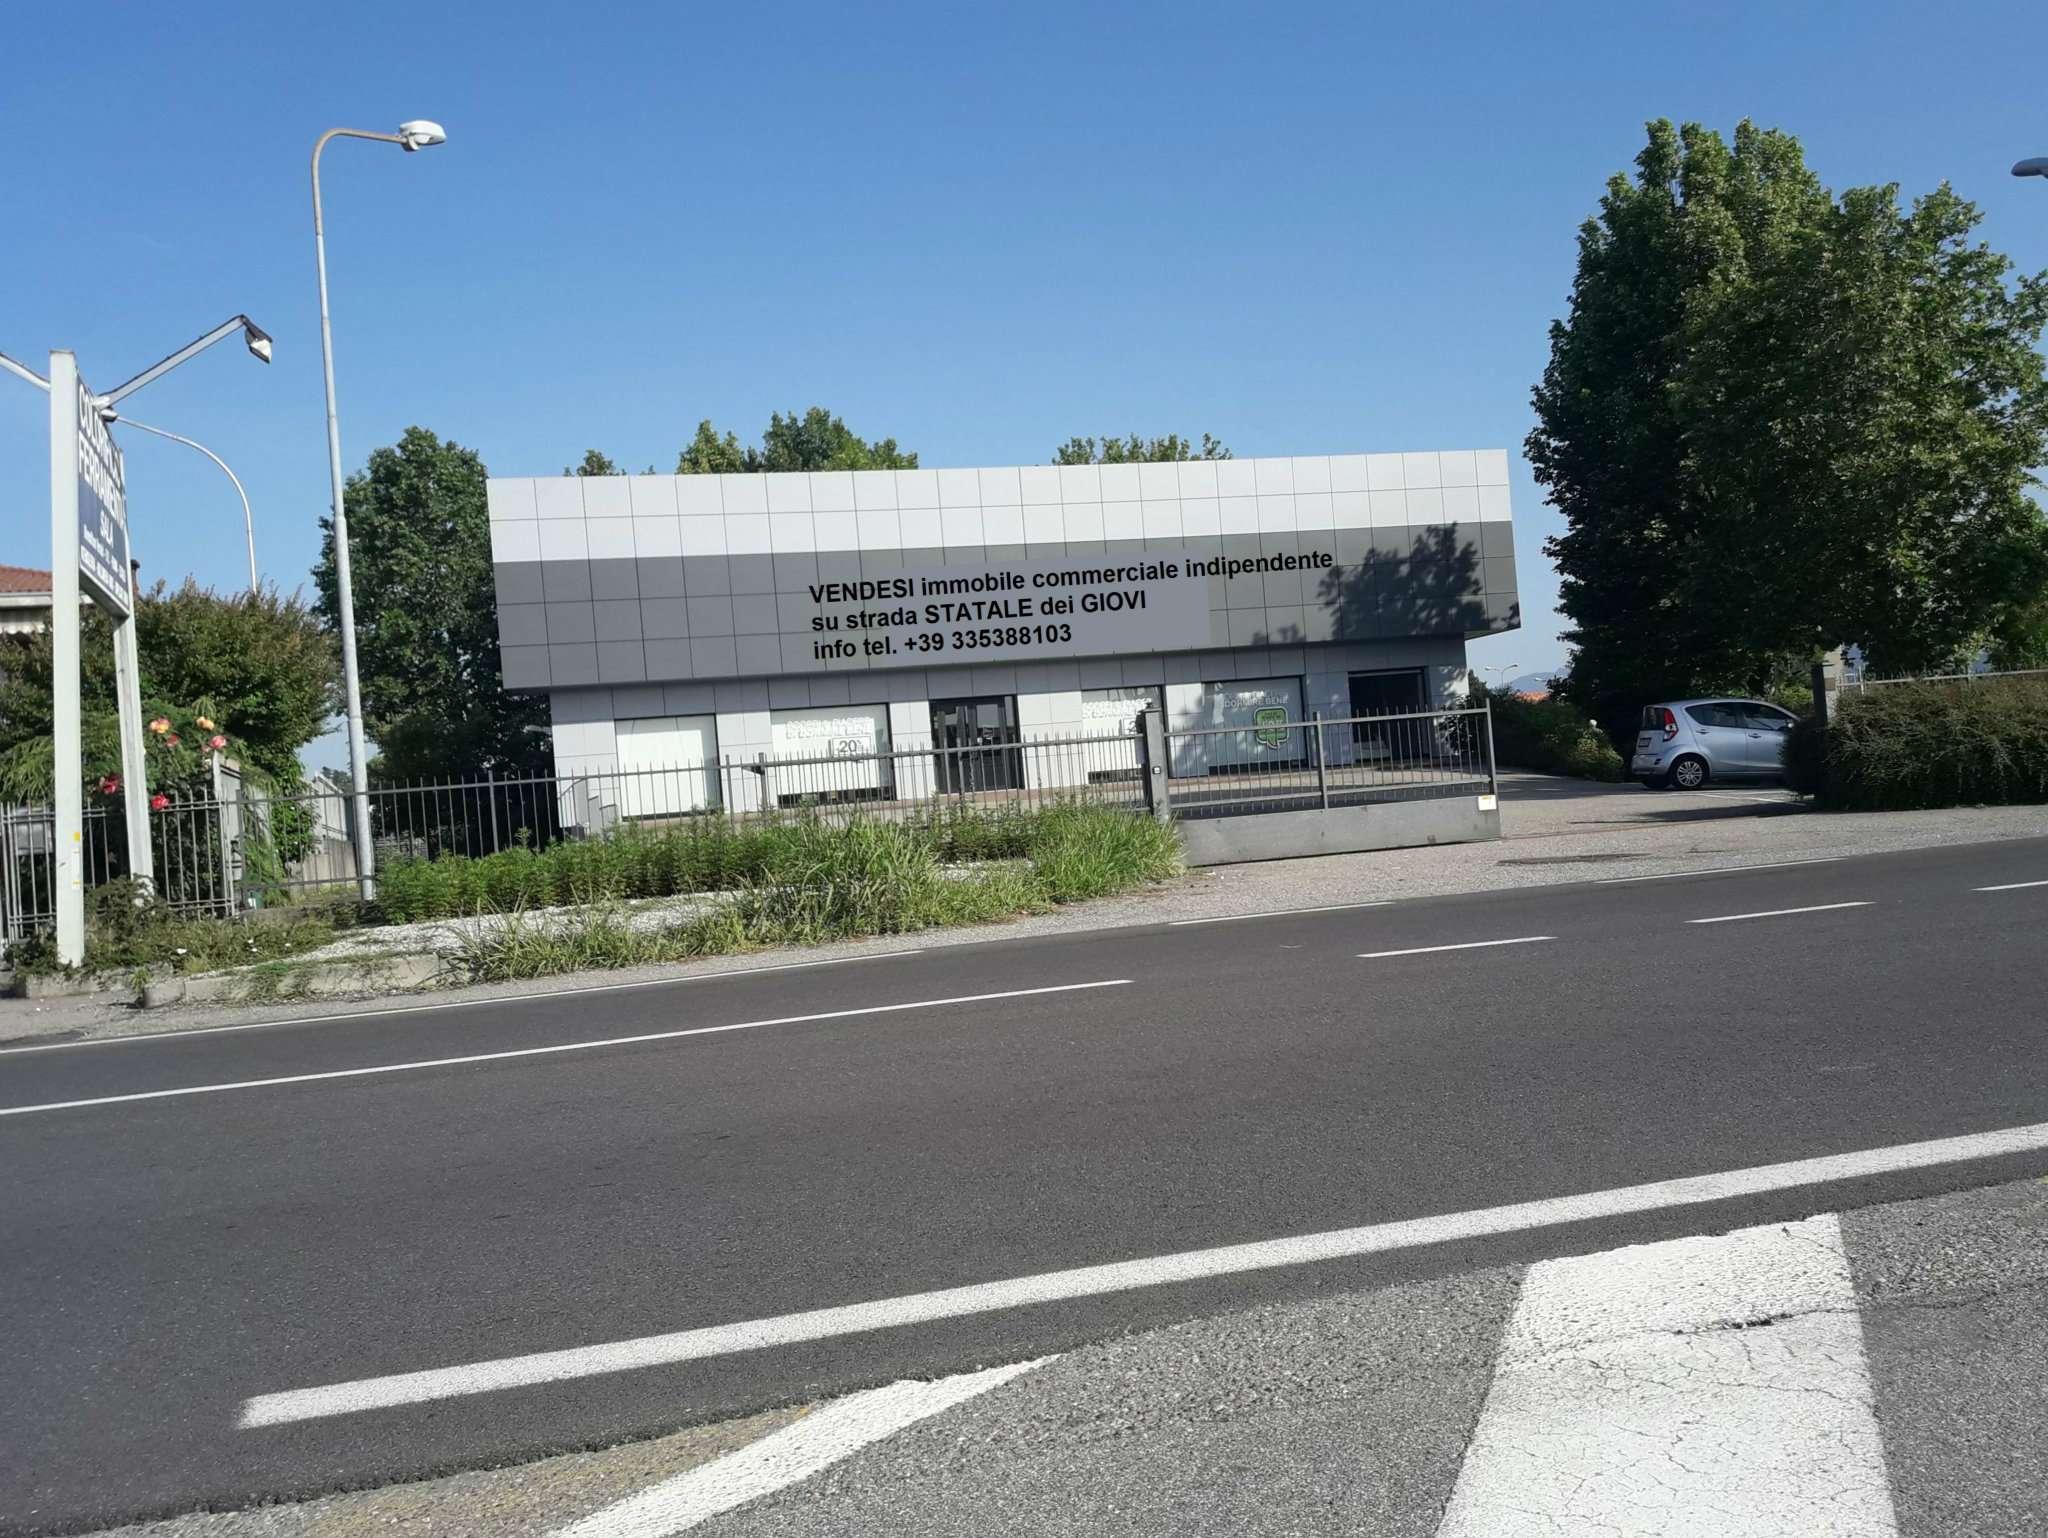 Immobile Commerciale in vendita a Grandate, 8 locali, prezzo € 1.290.000 | CambioCasa.it